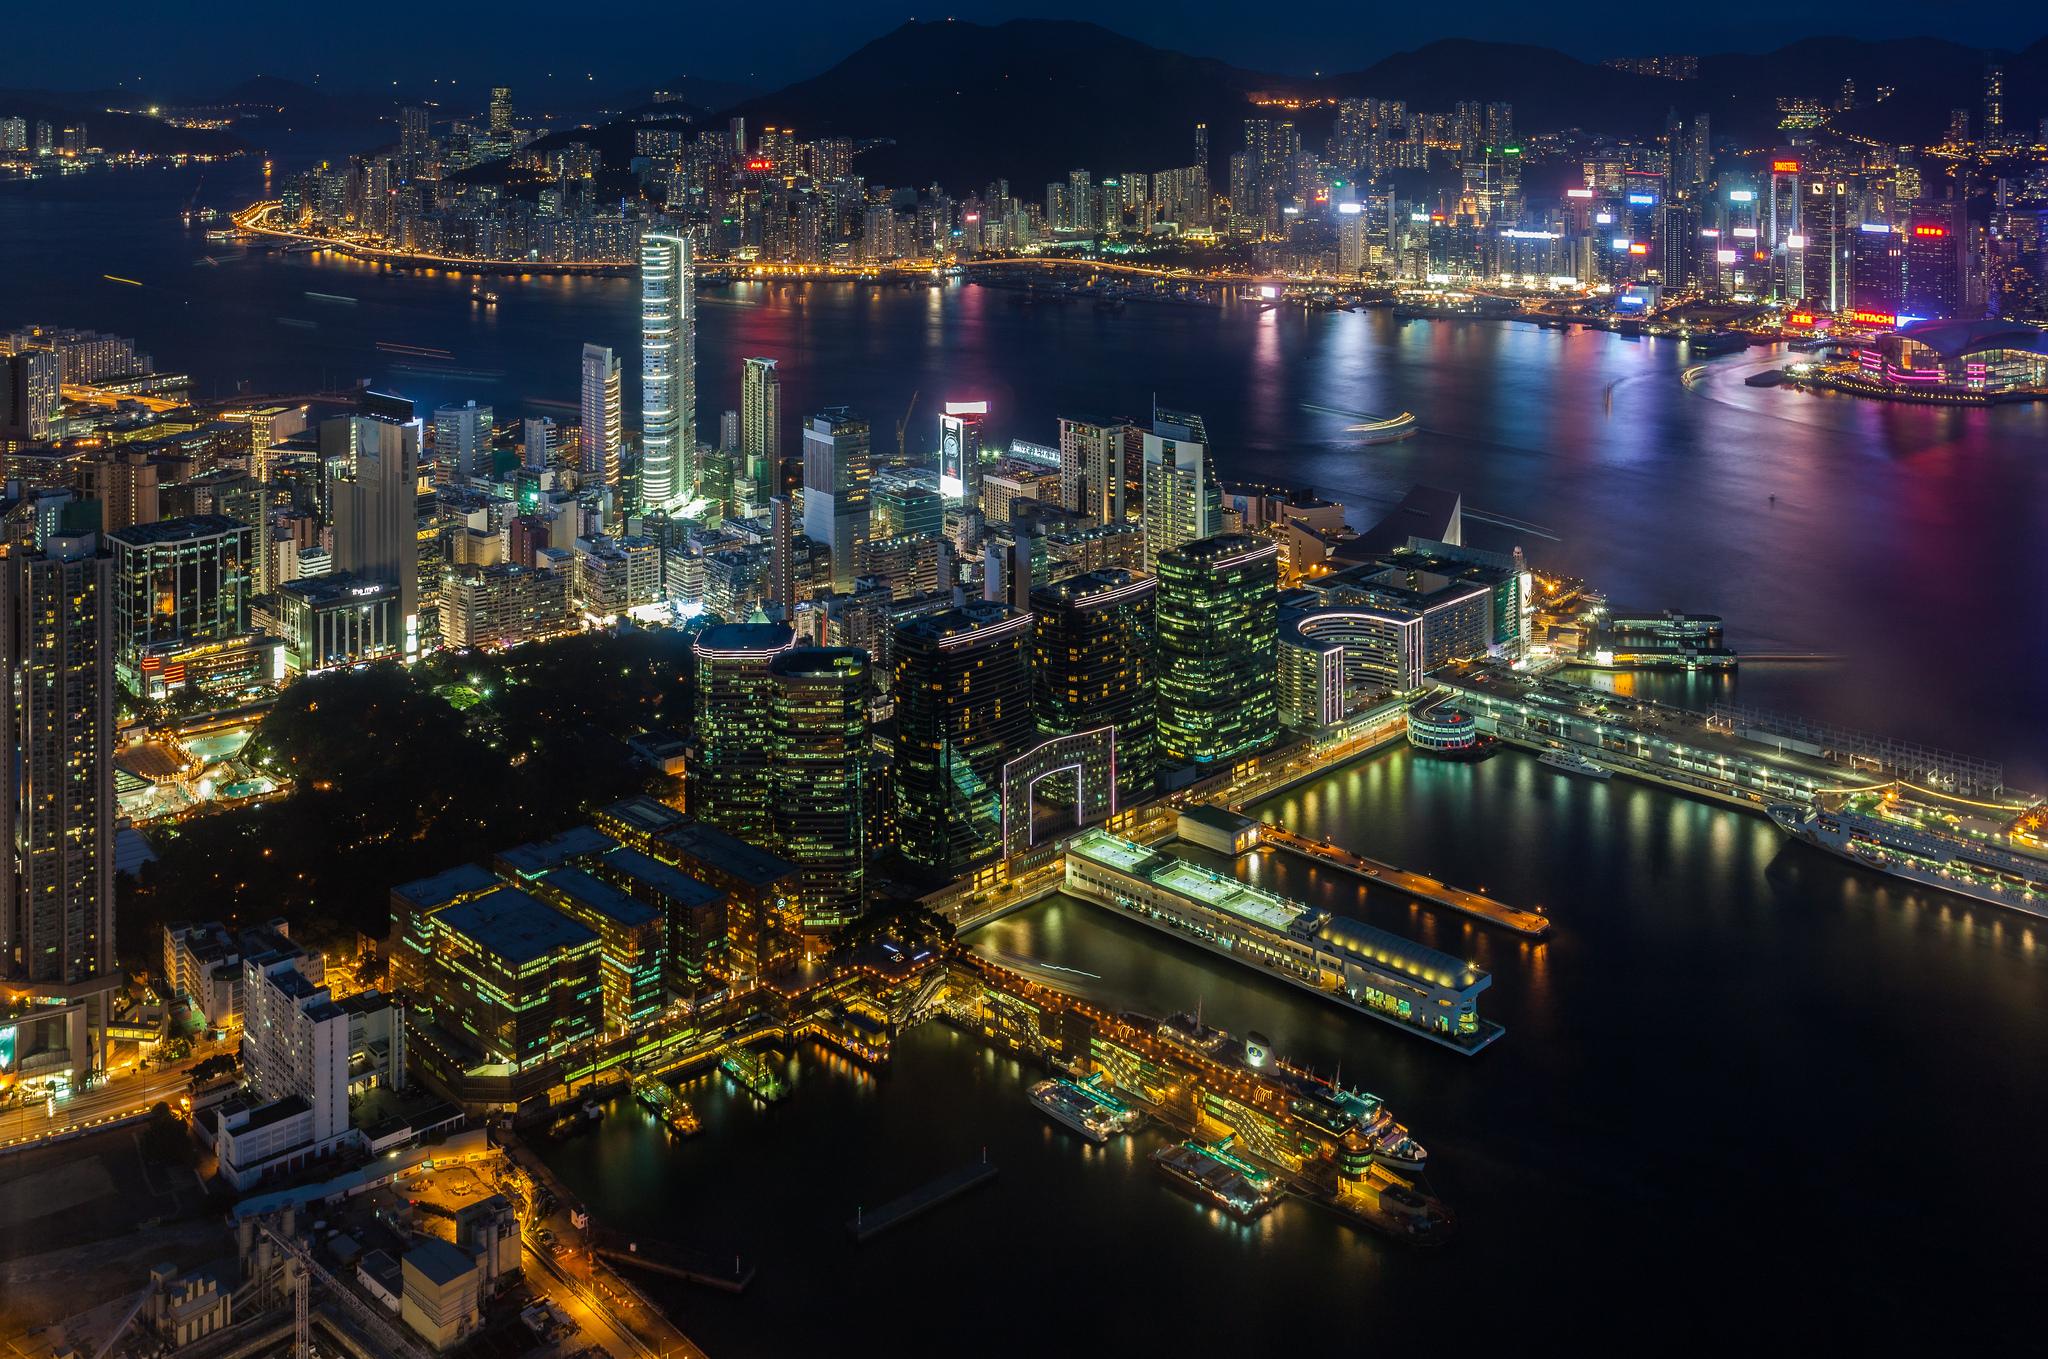 PUERTOS DE JAPÓN, CHINA Y EE. UU. VISTOS COMO LOS DE MAYOR RIESGO FINANCIERO POR DESASTRES NATURALES